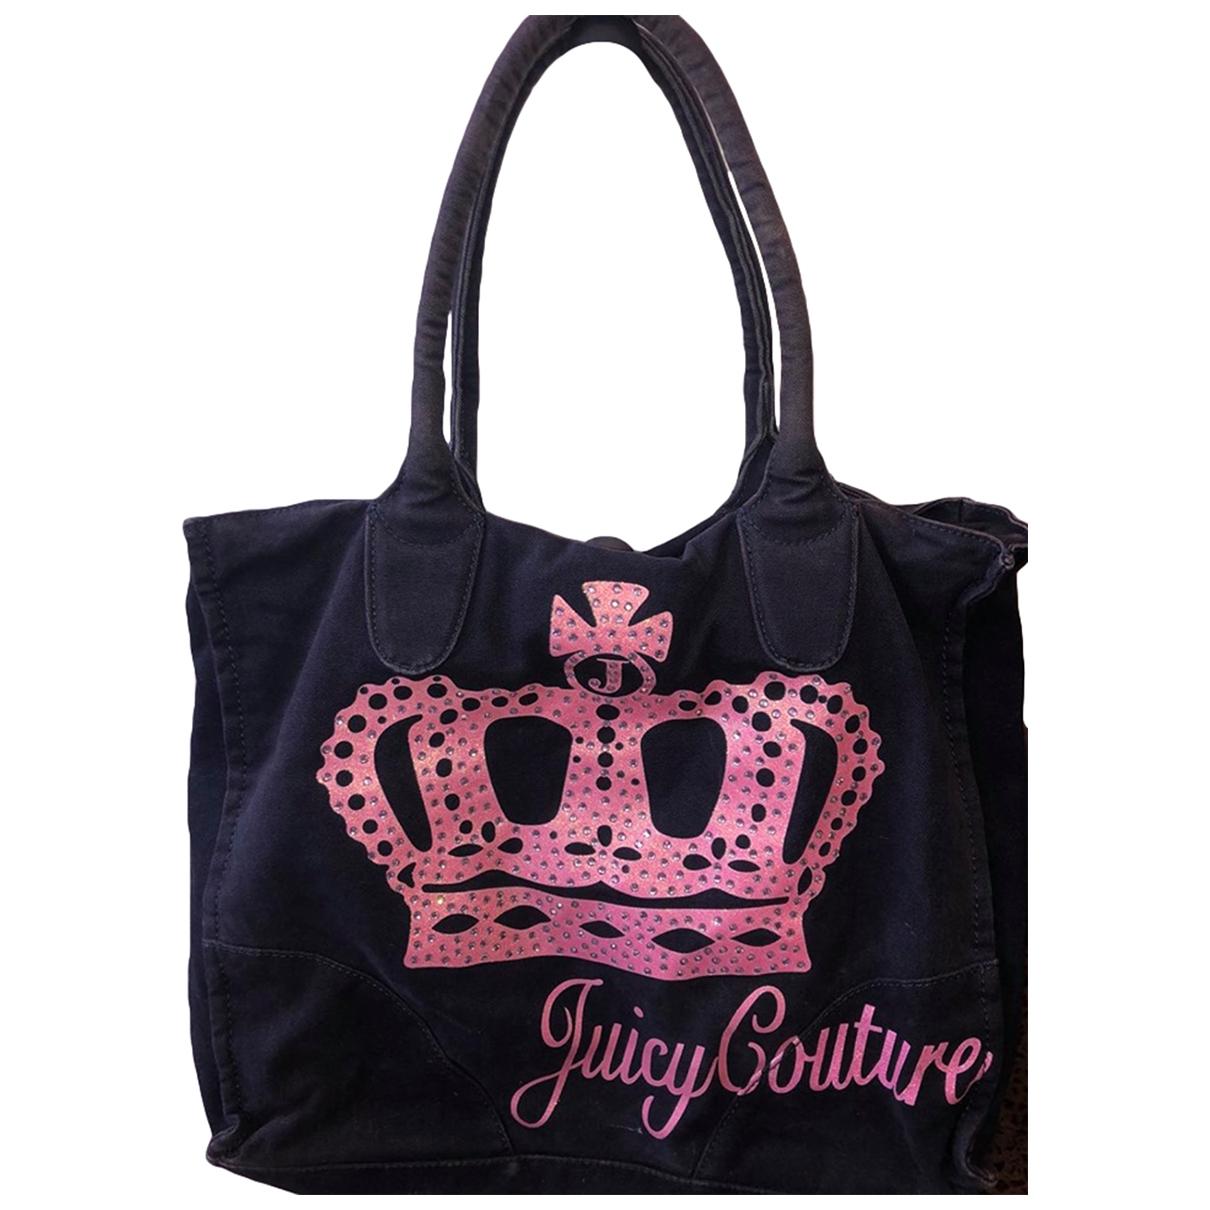 Cabas de Lona Juicy Couture